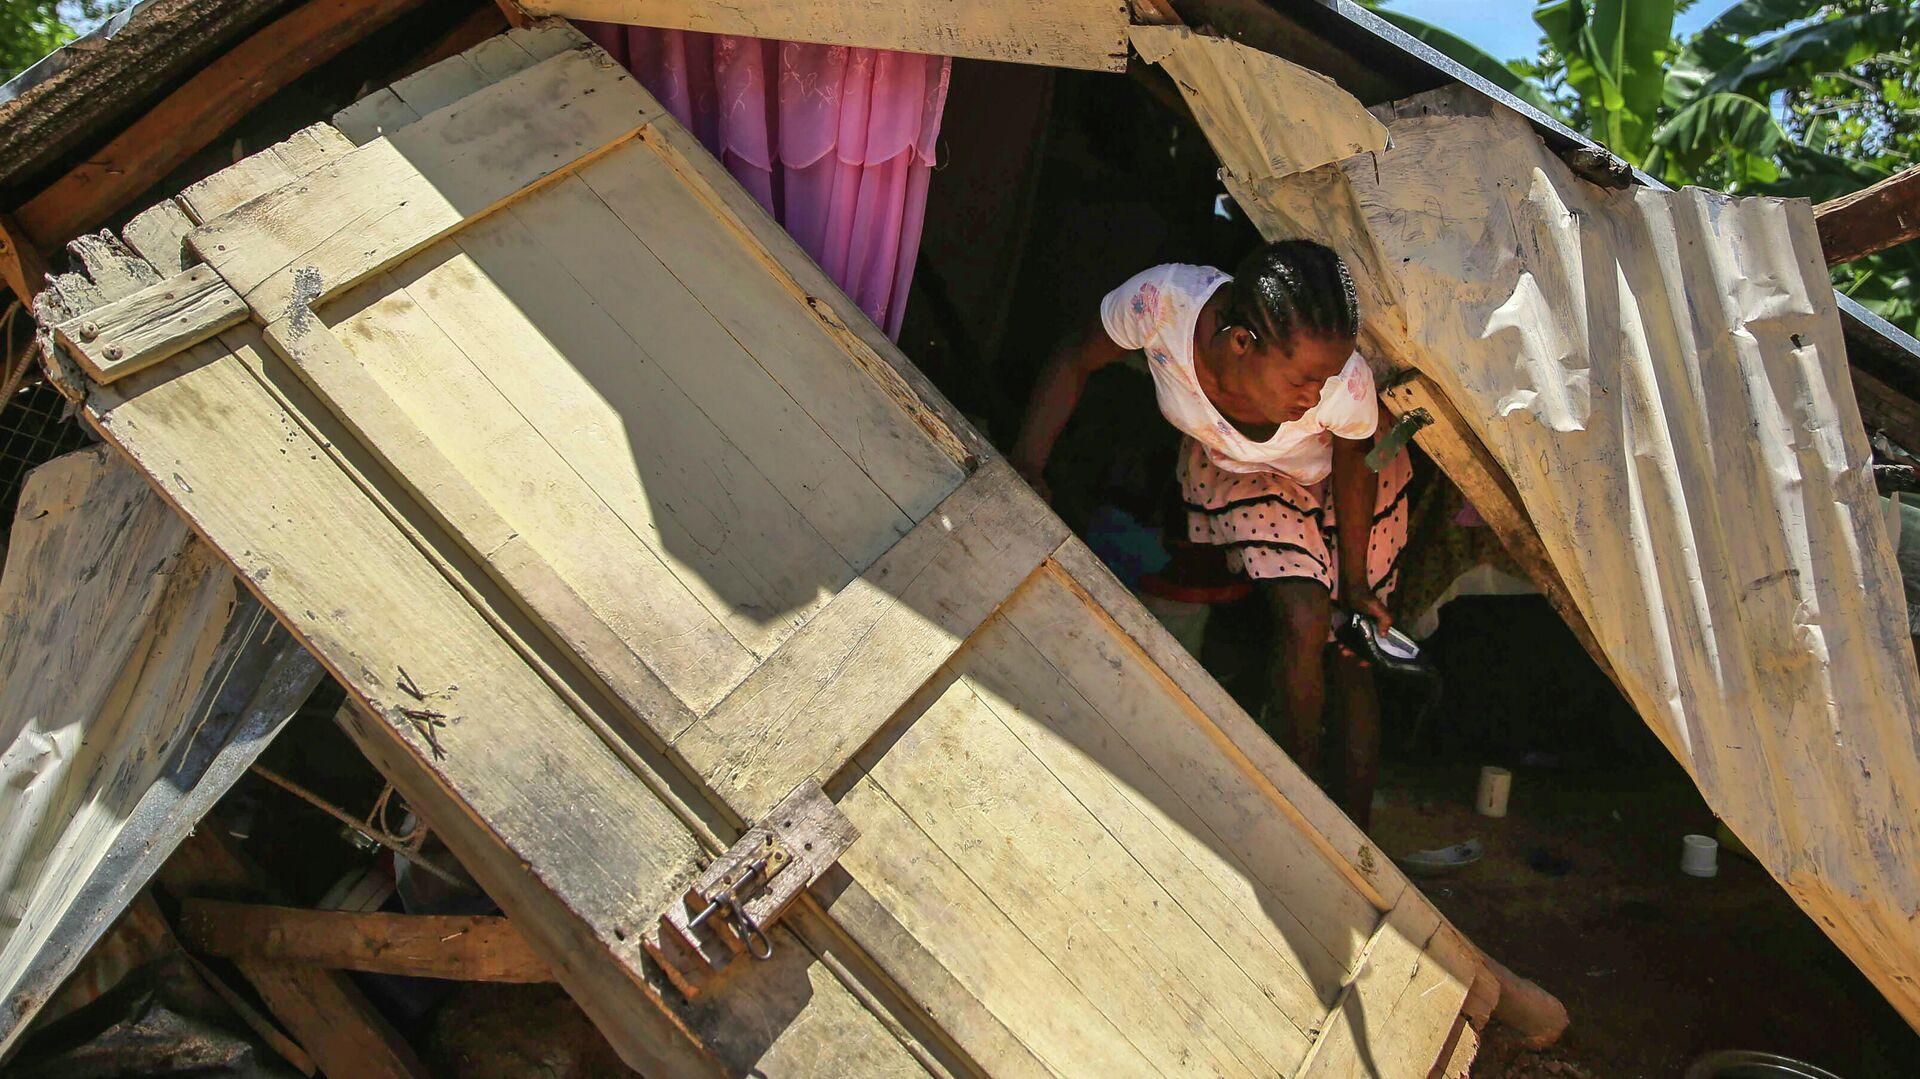 Женщина среди обломков своего разрушенного землетрясением дома, Гаити - РИА Новости, 1920, 17.08.2021